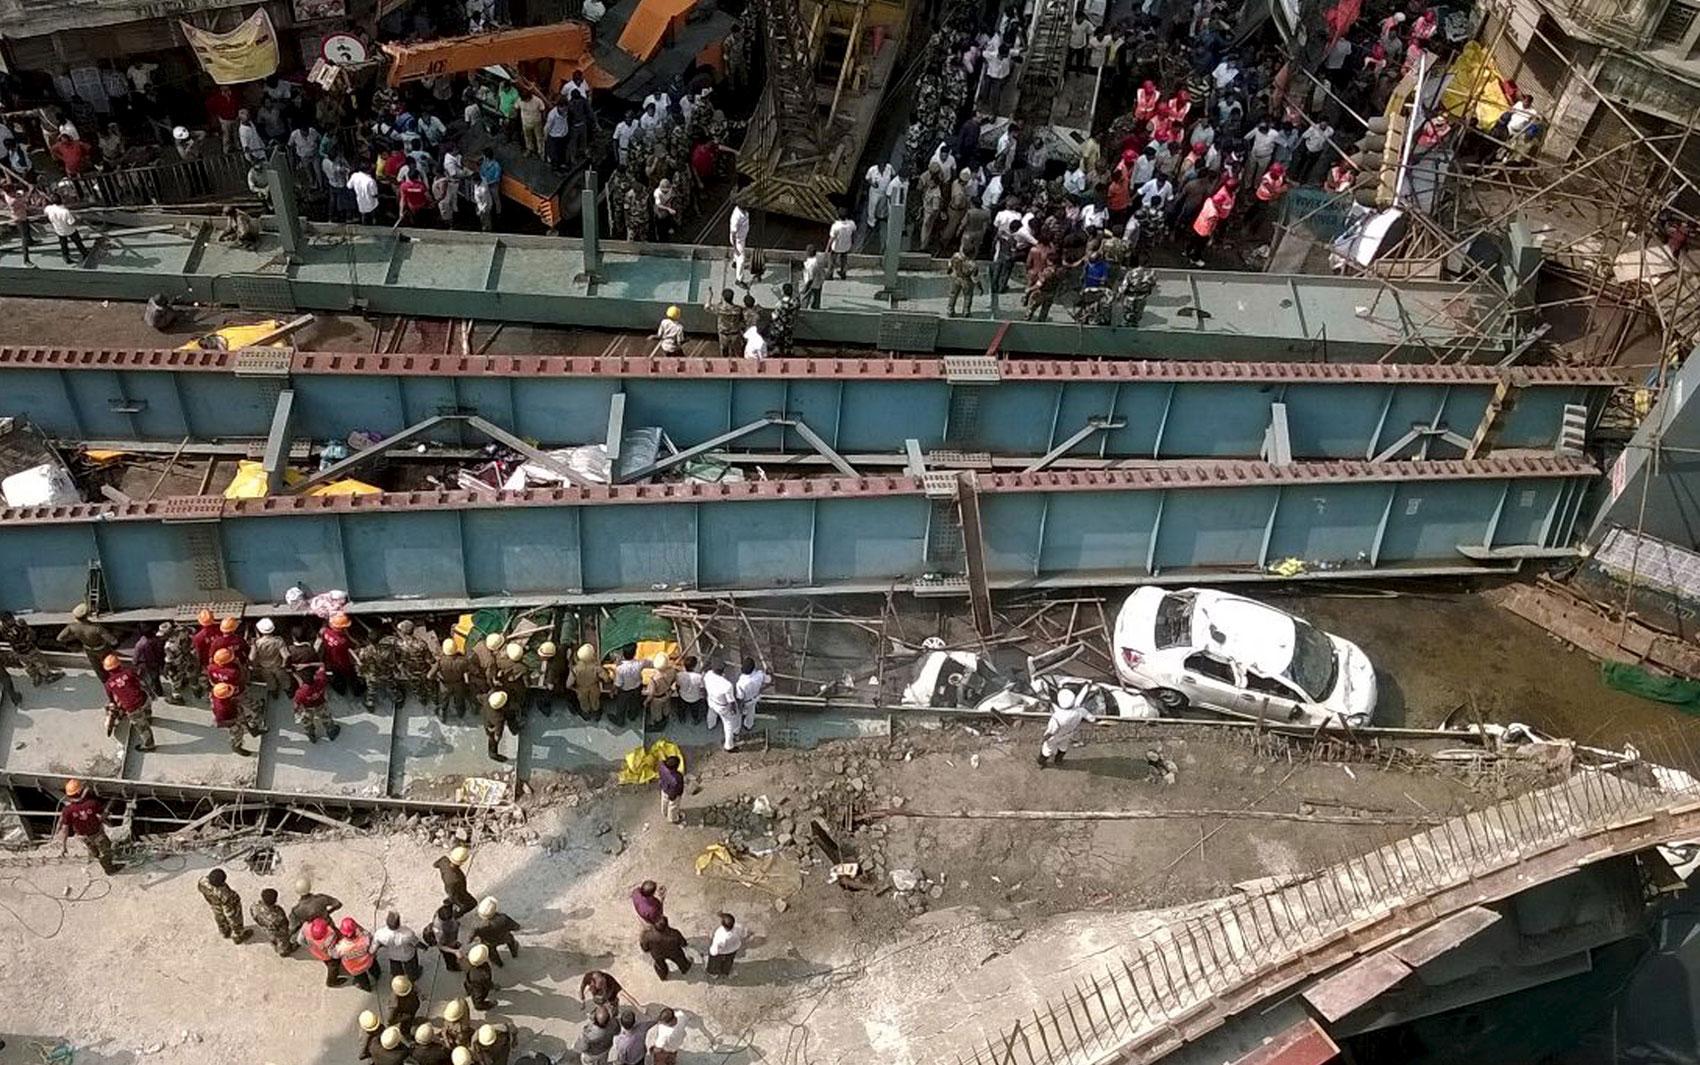 Ponte desabou parcialmente em Calcutá, no leste da Índia, nesta quinta-feira (31) (Foto: Rupak De Chowdhuri/Reuters )